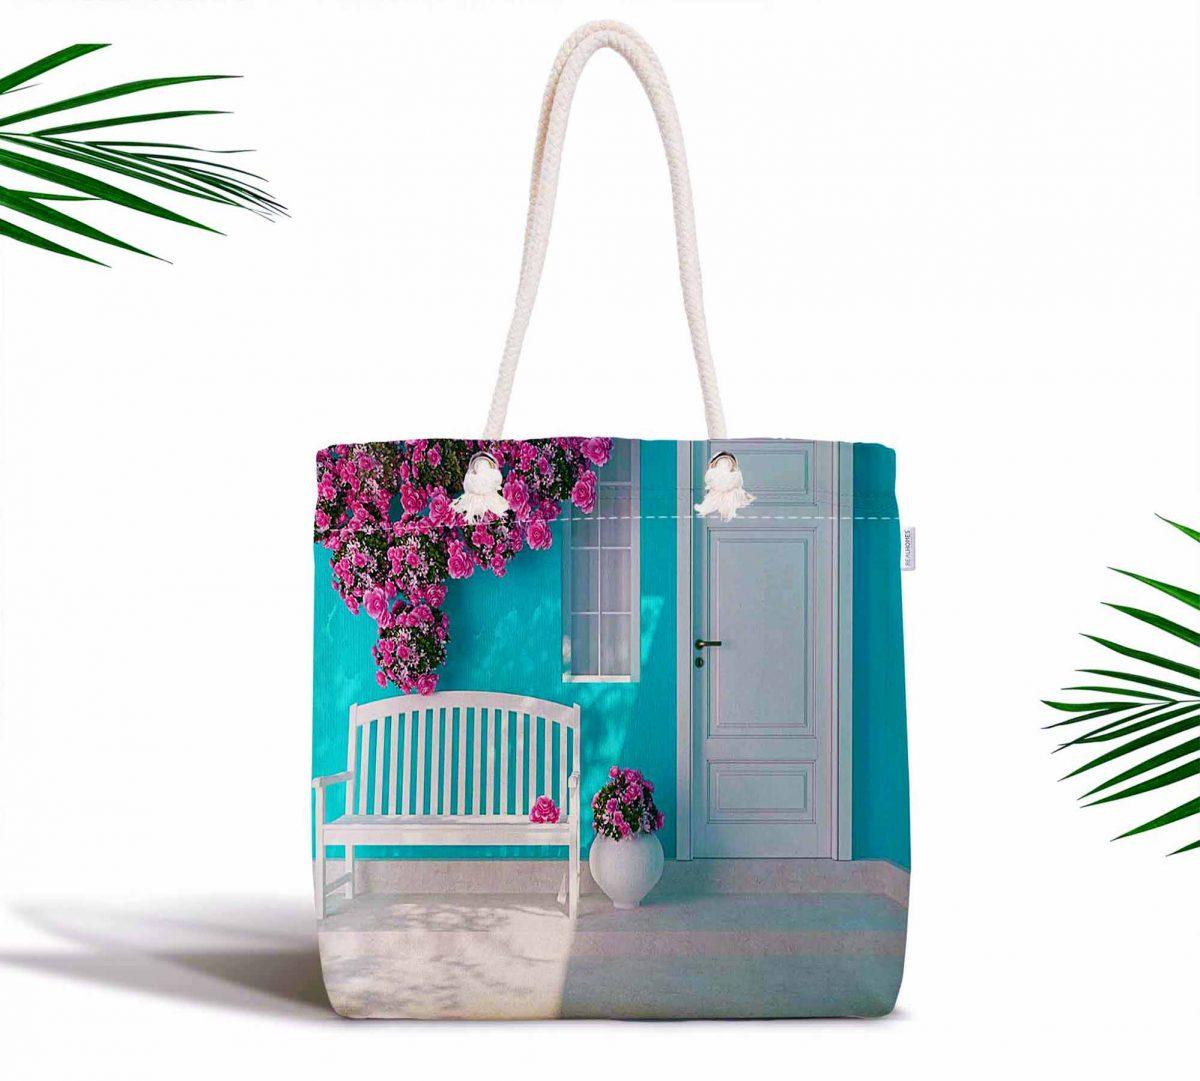 Mavi Bahçe Dijital Baskılı Fermuarlı Modern Kumaş Çanta Realhomes